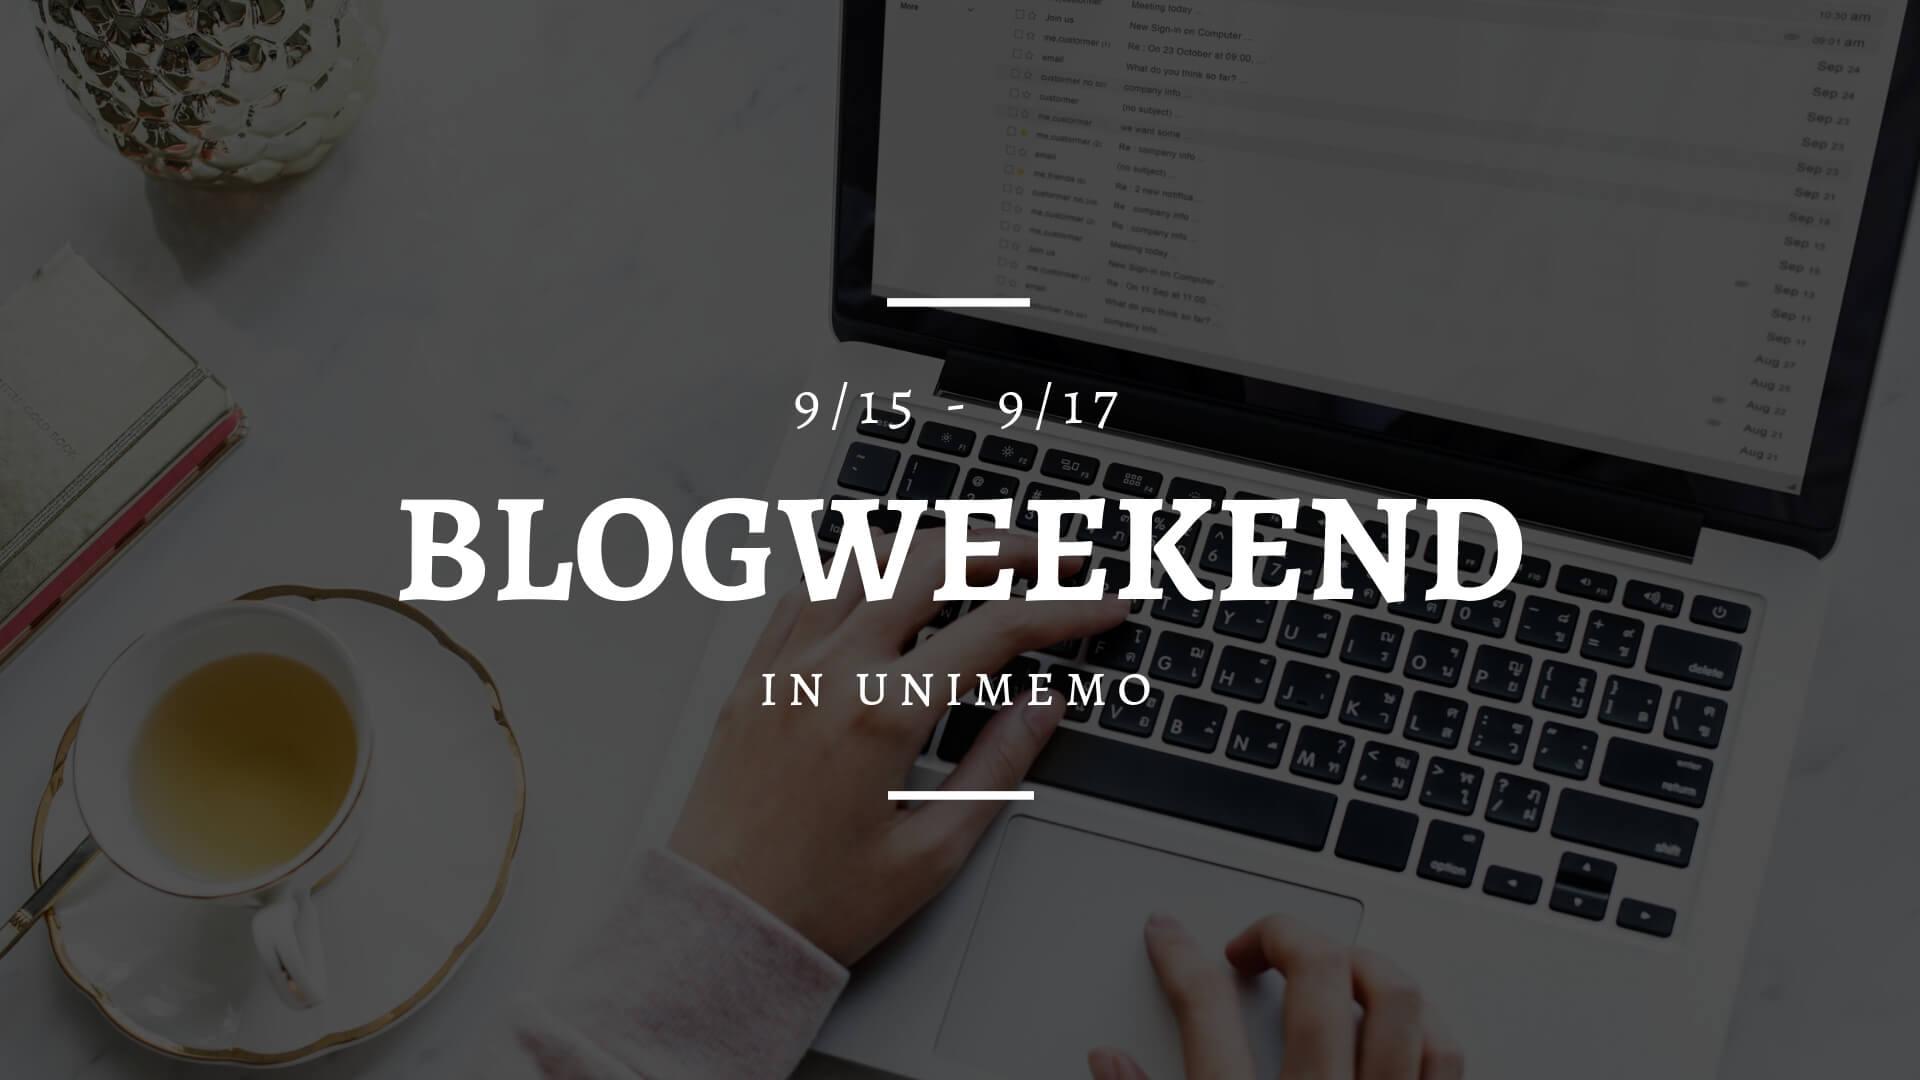 【9/15〜9/17】3連休でブログウィークエンド開催!